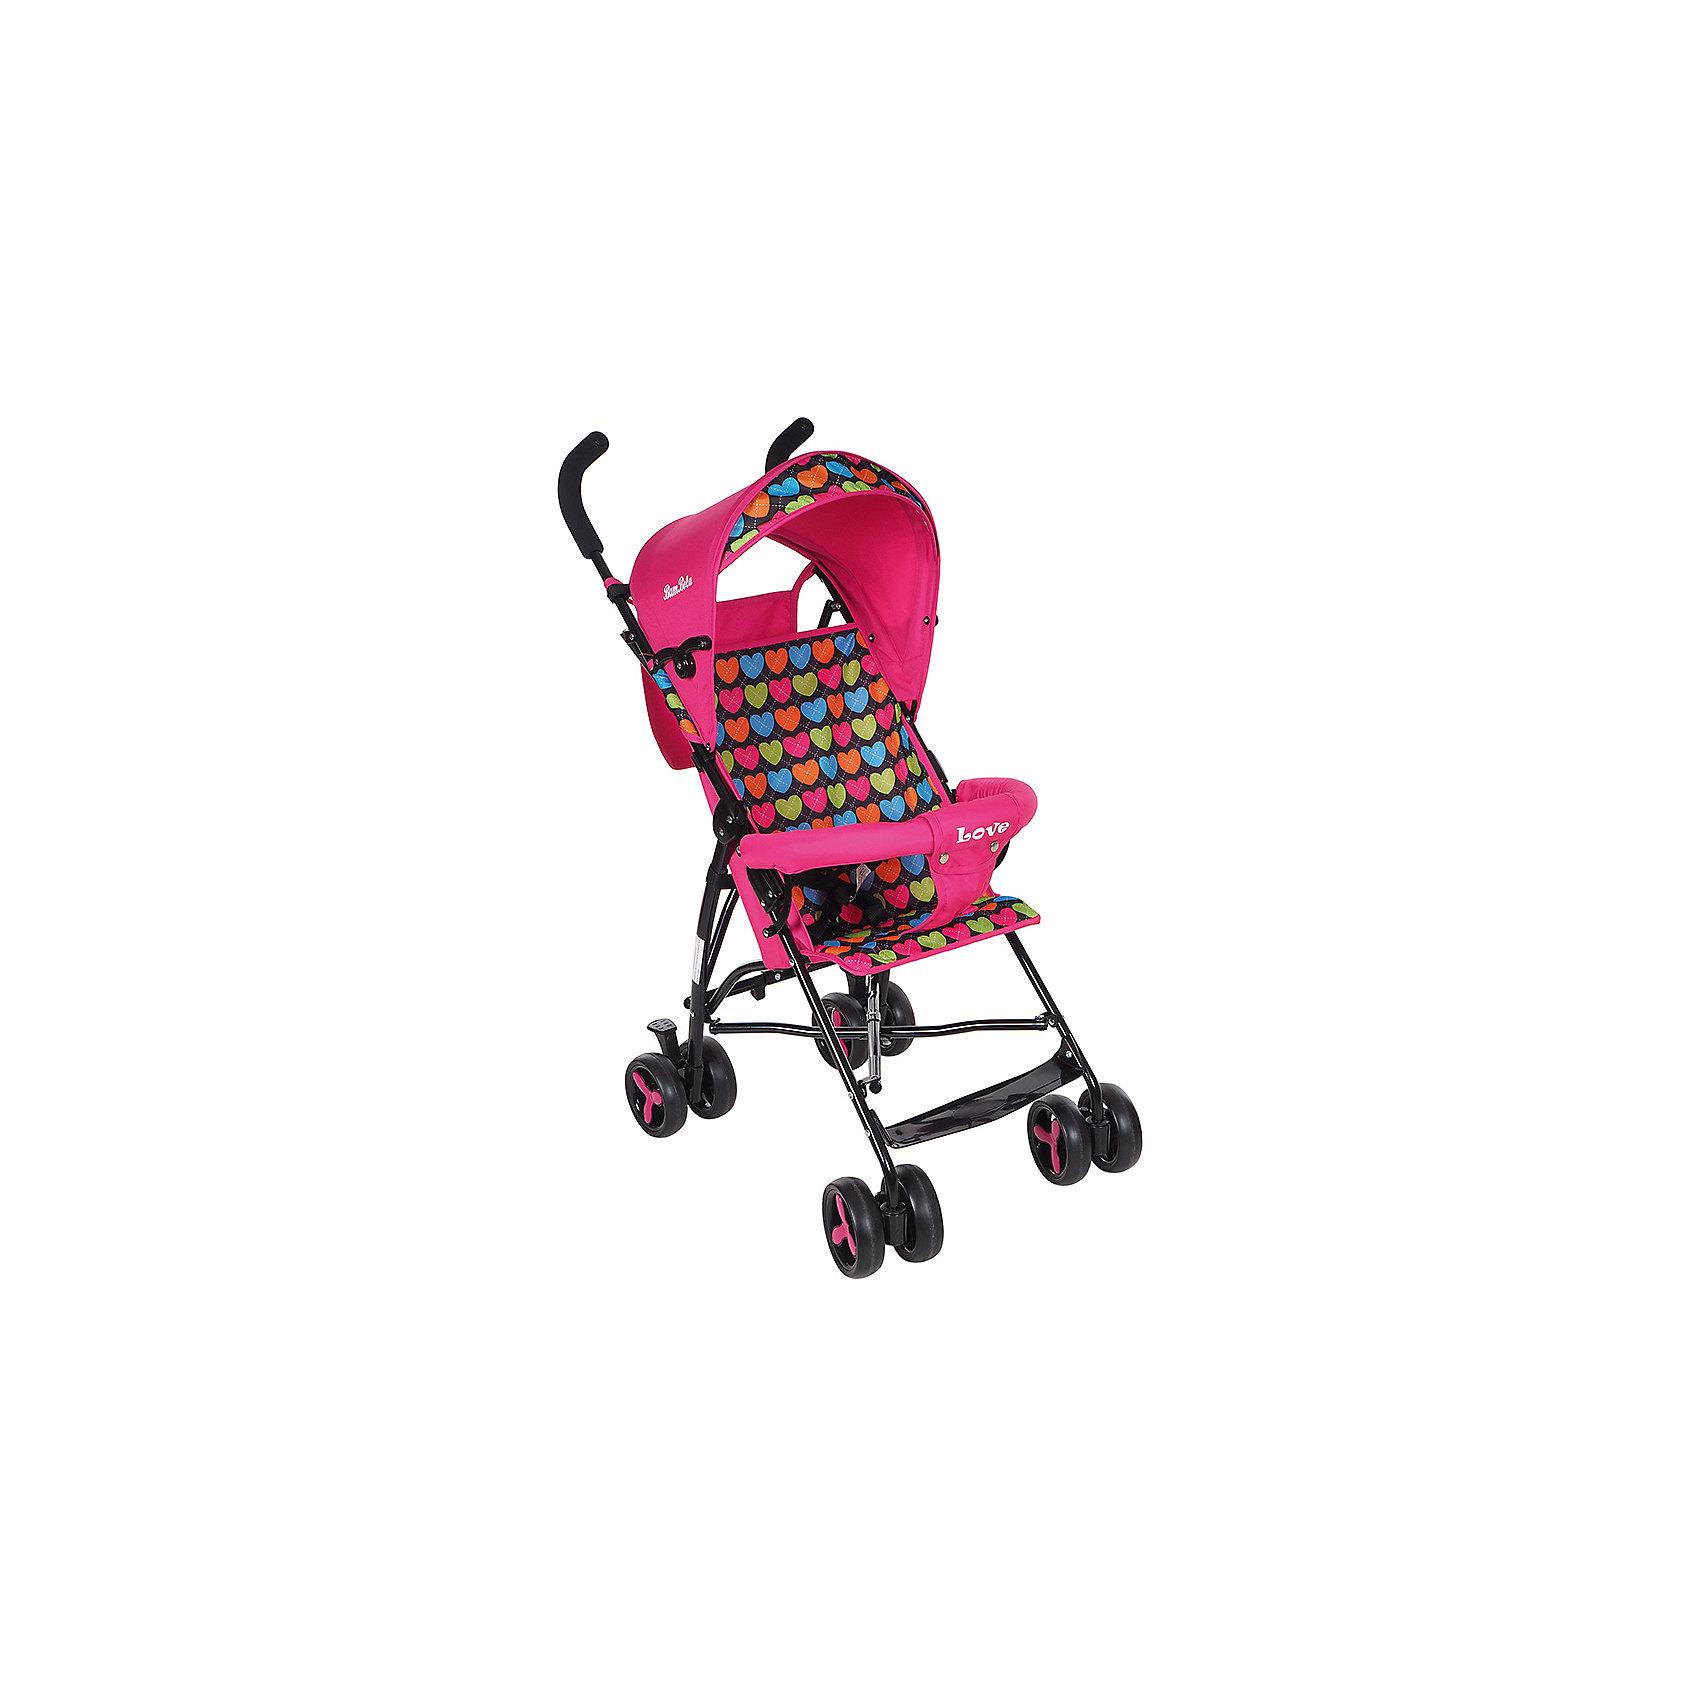 Коляска-трость Bambola Love, розовыйКоляски-трости<br>Характеристики коляски-трости Bambola Love<br><br>Прогулочный блок:<br><br>• спинка коляски находится в фиксированном положении: сидя;<br>• подножка находится в фиксированном положении;<br>• страховочный бампер фиксирован;<br>• имеется капюшон с солнцезащитным козырьком;<br>• 3-х точечные ремни безопасности.<br><br>Шасси коляски:<br><br>• сдвоенные колеса, ножной тормоз;<br>• диаметр колес: 15,5 см;<br>• дополнительная пластиковая гибкая подножка для подросшего малыша;<br>• механизм складывания: трость;<br>• материал: алюминий, пластик, полиэстер.<br><br>Размер коляски: 80х48х110 см<br>Размер коляски в сложенном виде: 30х40х104 см<br>Вес коляски: 5 кг<br>Вес упаковки: 5,13 кг<br><br>Коляску-трость Love, Bambola, цвет розовый можно купить в нашем интернет-магазине.<br><br>Ширина мм: 300<br>Глубина мм: 400<br>Высота мм: 1040<br>Вес г: 5130<br>Возраст от месяцев: 8<br>Возраст до месяцев: 36<br>Пол: Женский<br>Возраст: Детский<br>SKU: 5559180